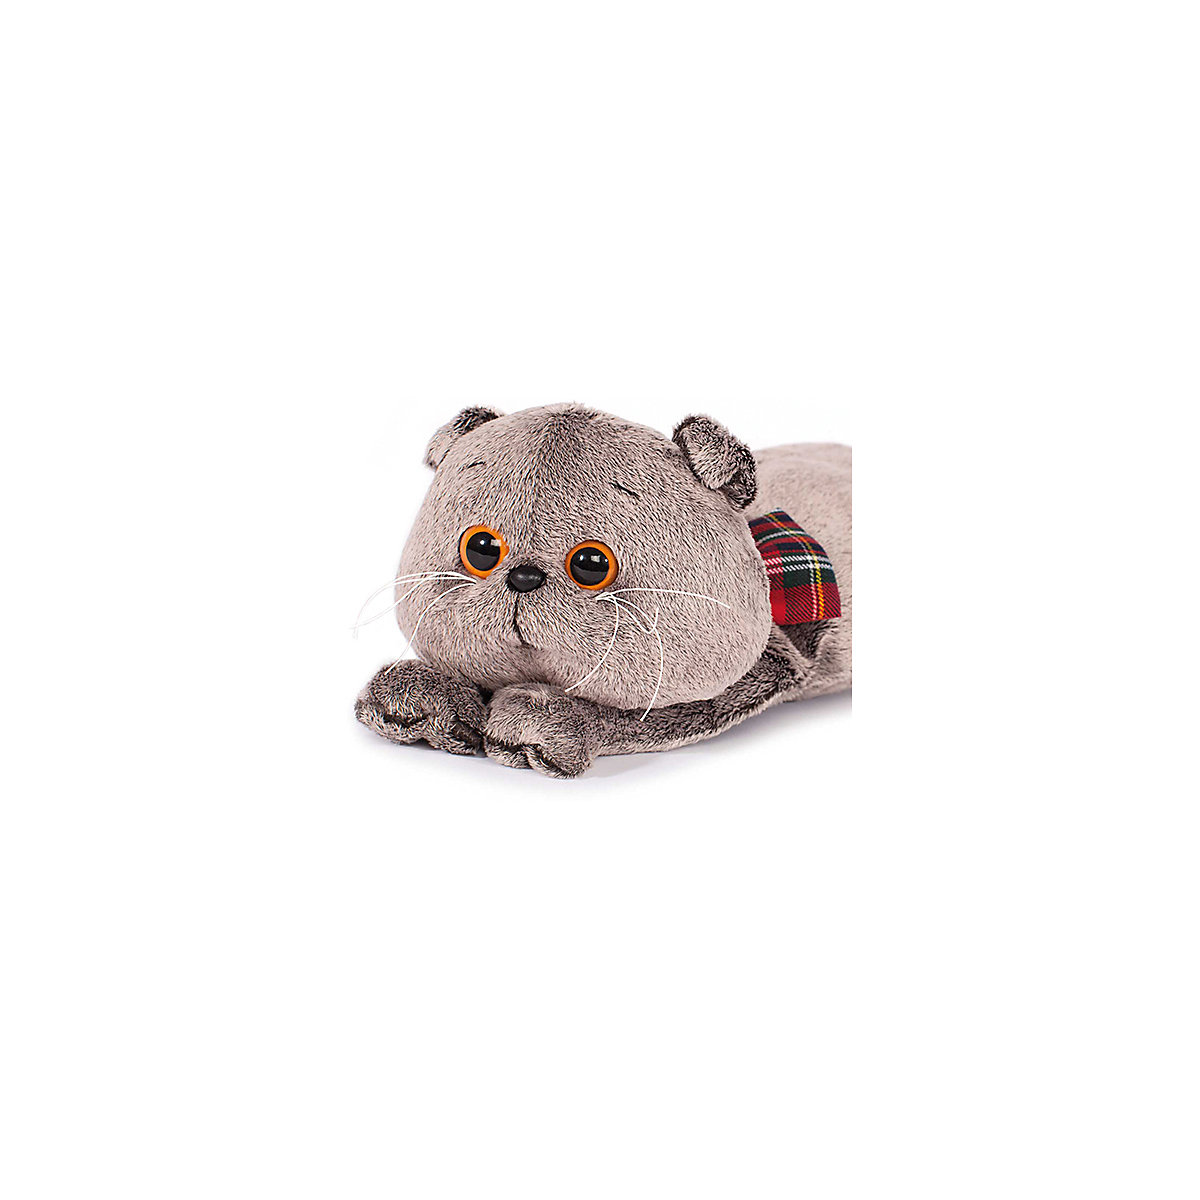 Pupazzi e peluches, animali BUDI BASA 7319979 Stitch Orso Totoro Giraffe Fox Gatto Del Cane Morbido Per Bambini \'s giocattoli MTpromo - 3